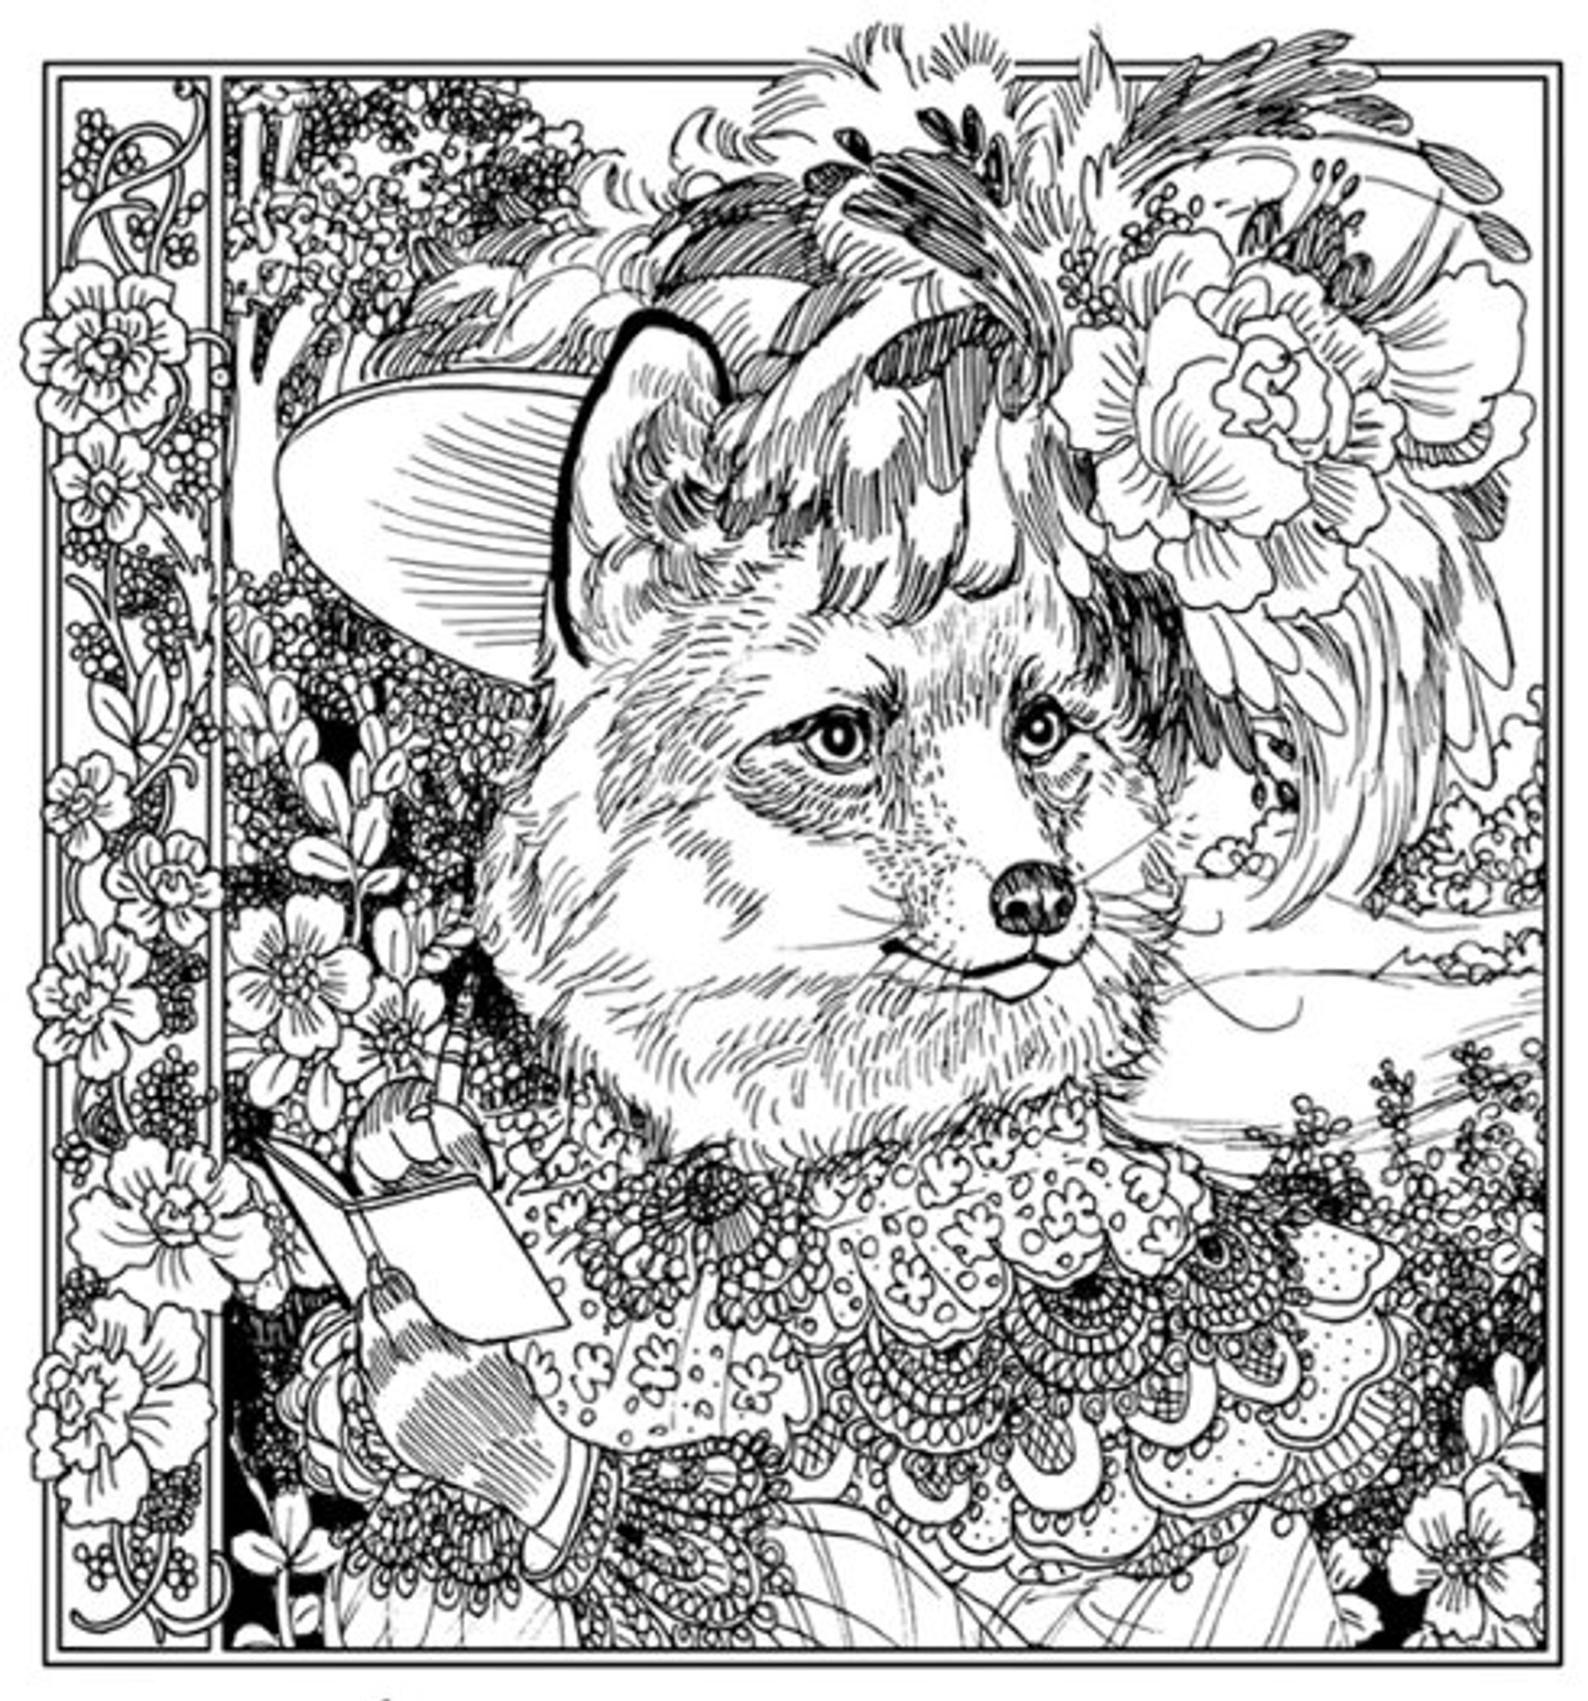 The Wildwood Soiree Coloring And Art Book By Annie Stegg Etsy In 2021 Kunst Ideeen Kleurboek Kleurplaten